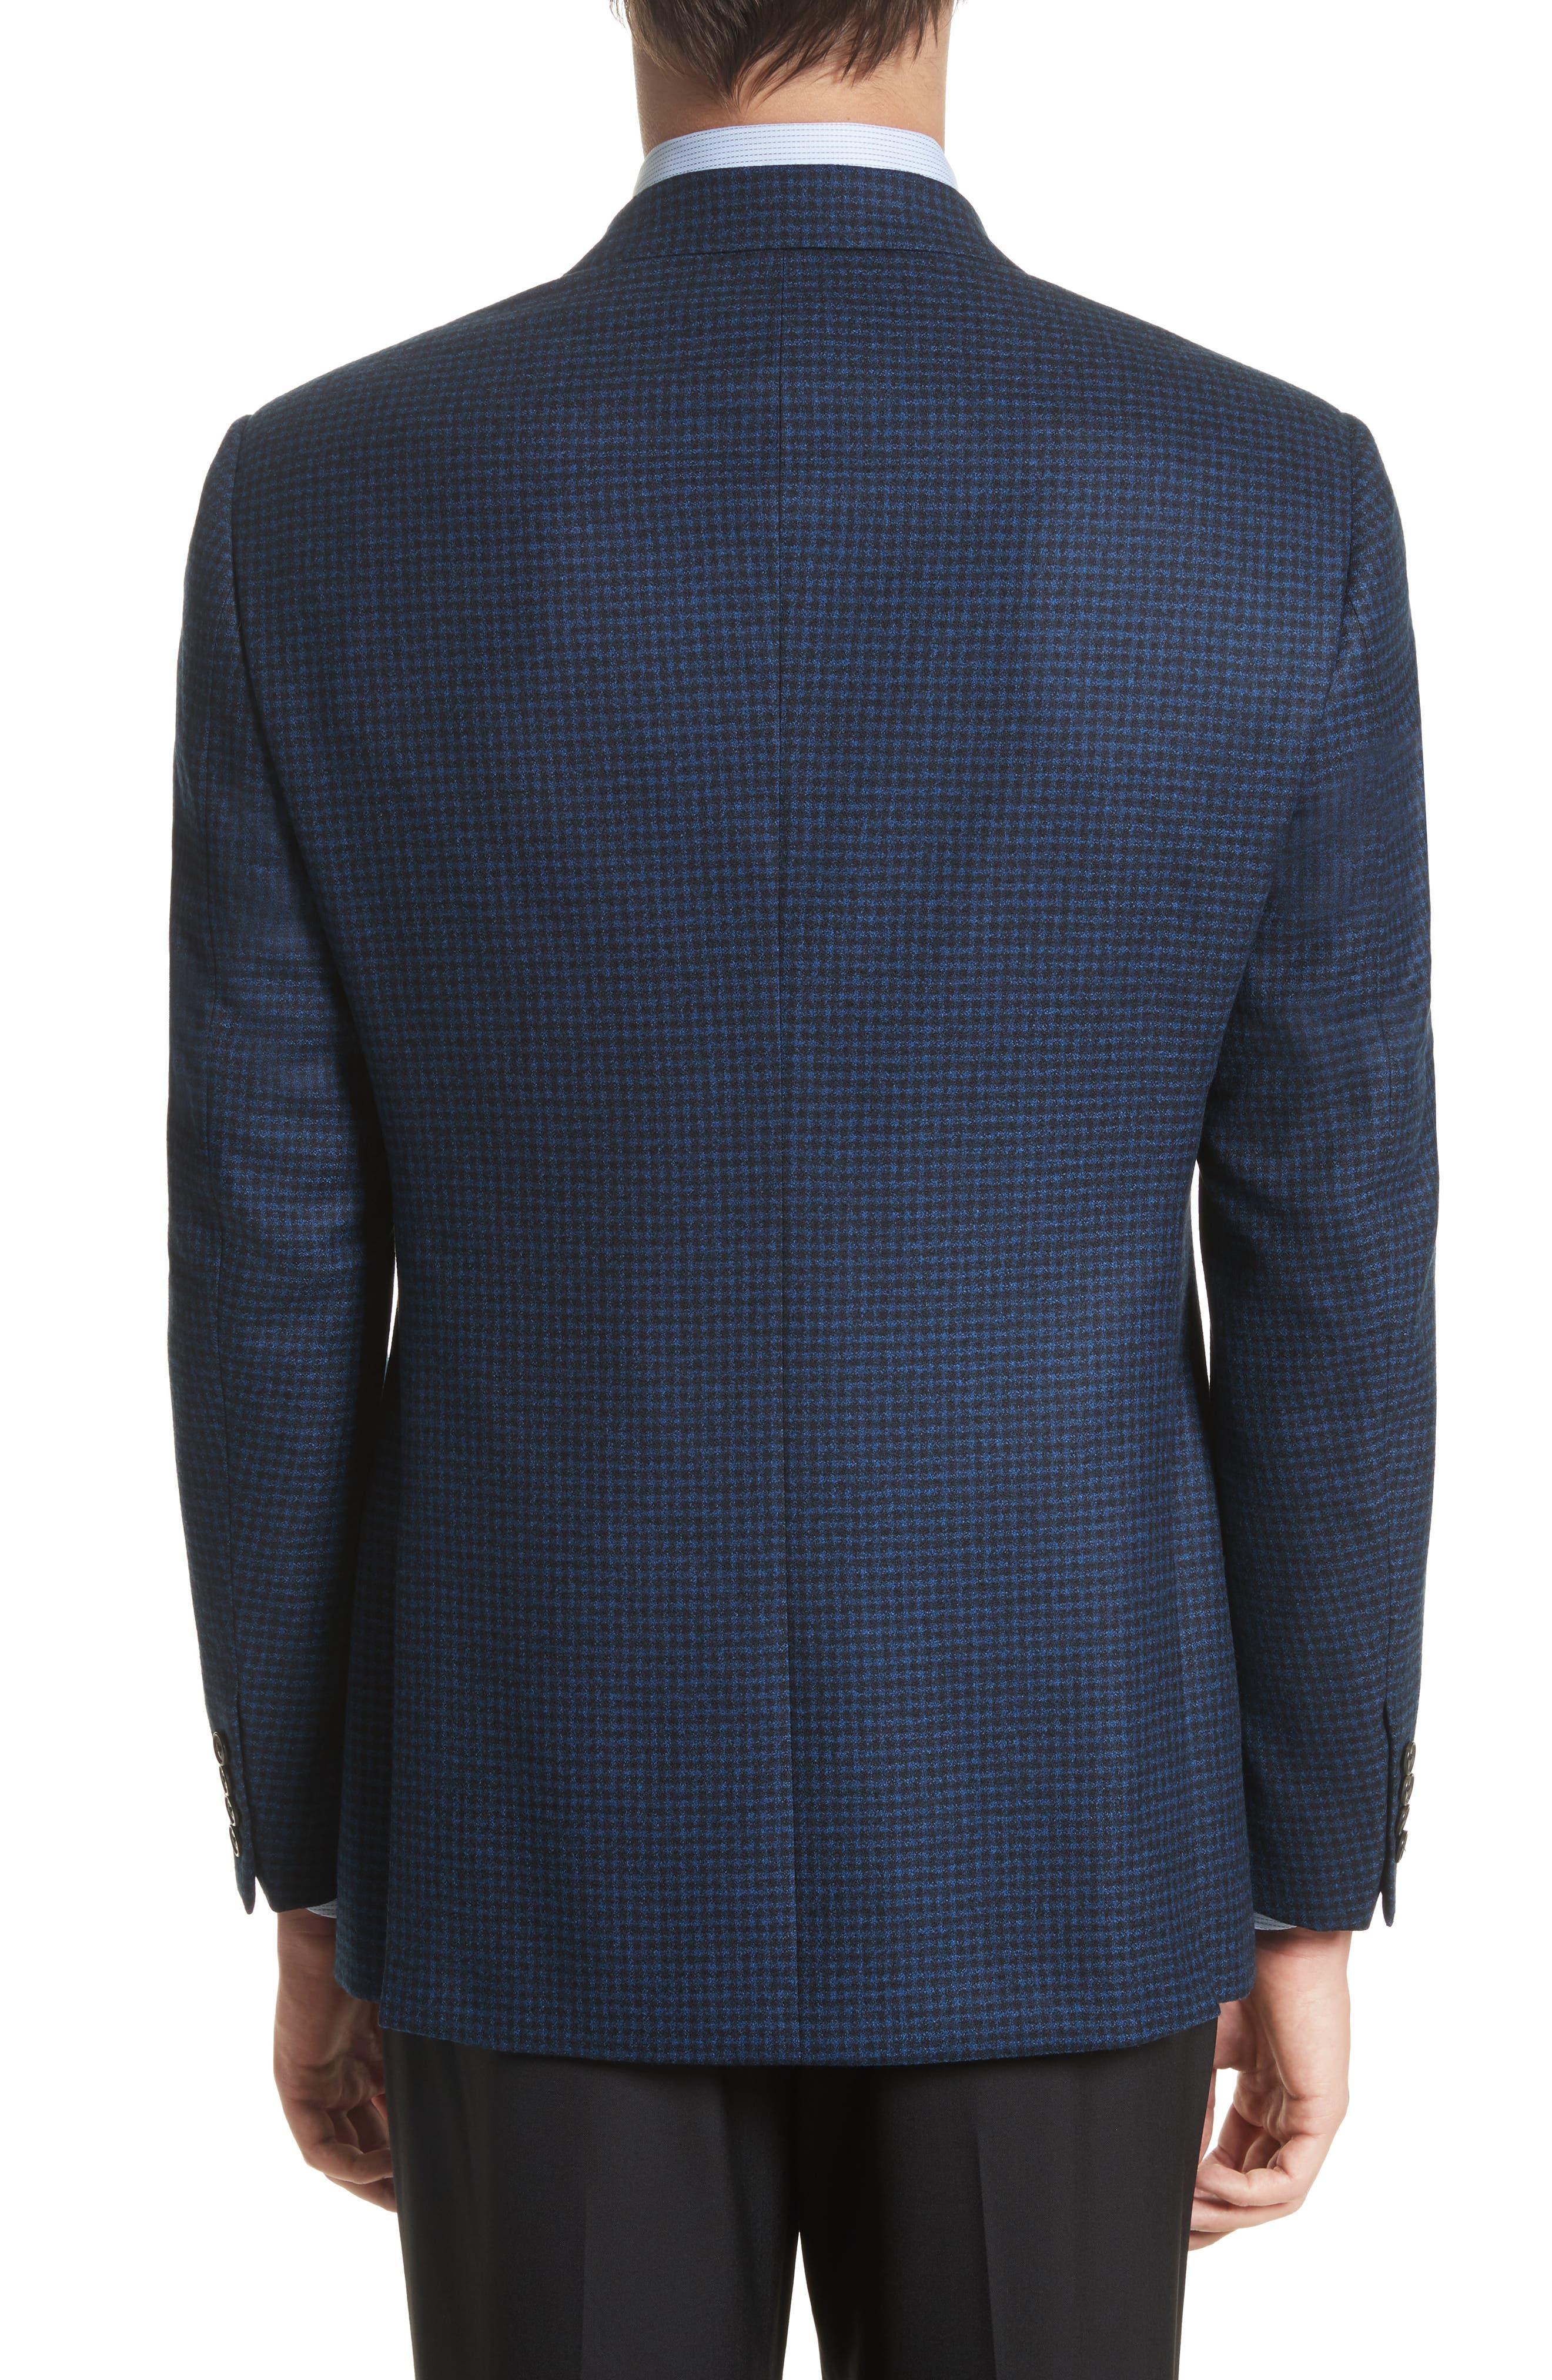 ARMANI COLLEZIONI,                             G-Line Trim Fit Check Wool Sport Coat,                             Alternate thumbnail 2, color,                             410